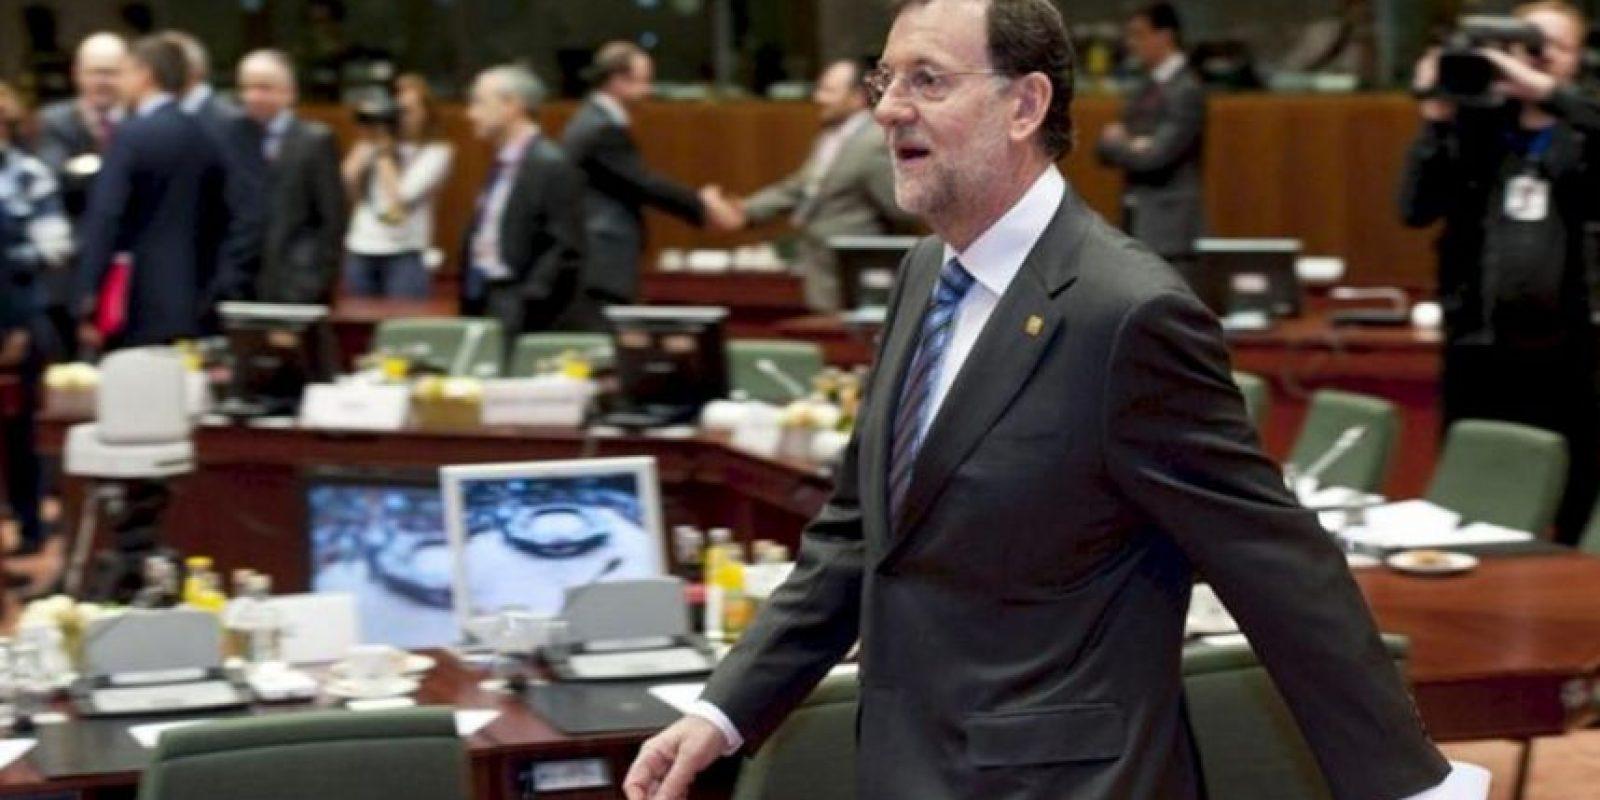 El presidente del Gobierno español, Mariano Rajoy, entra hoy en la sala donde se celebra la segunda jornada del Consejo Europeo de Bruselas. En la primera jornada se alcanzó un acuerdo sobre la recapitalización directa de la banca española y el uso de fondos europeos de rescate para comprar deuda de países presionados por los mercados. EFE